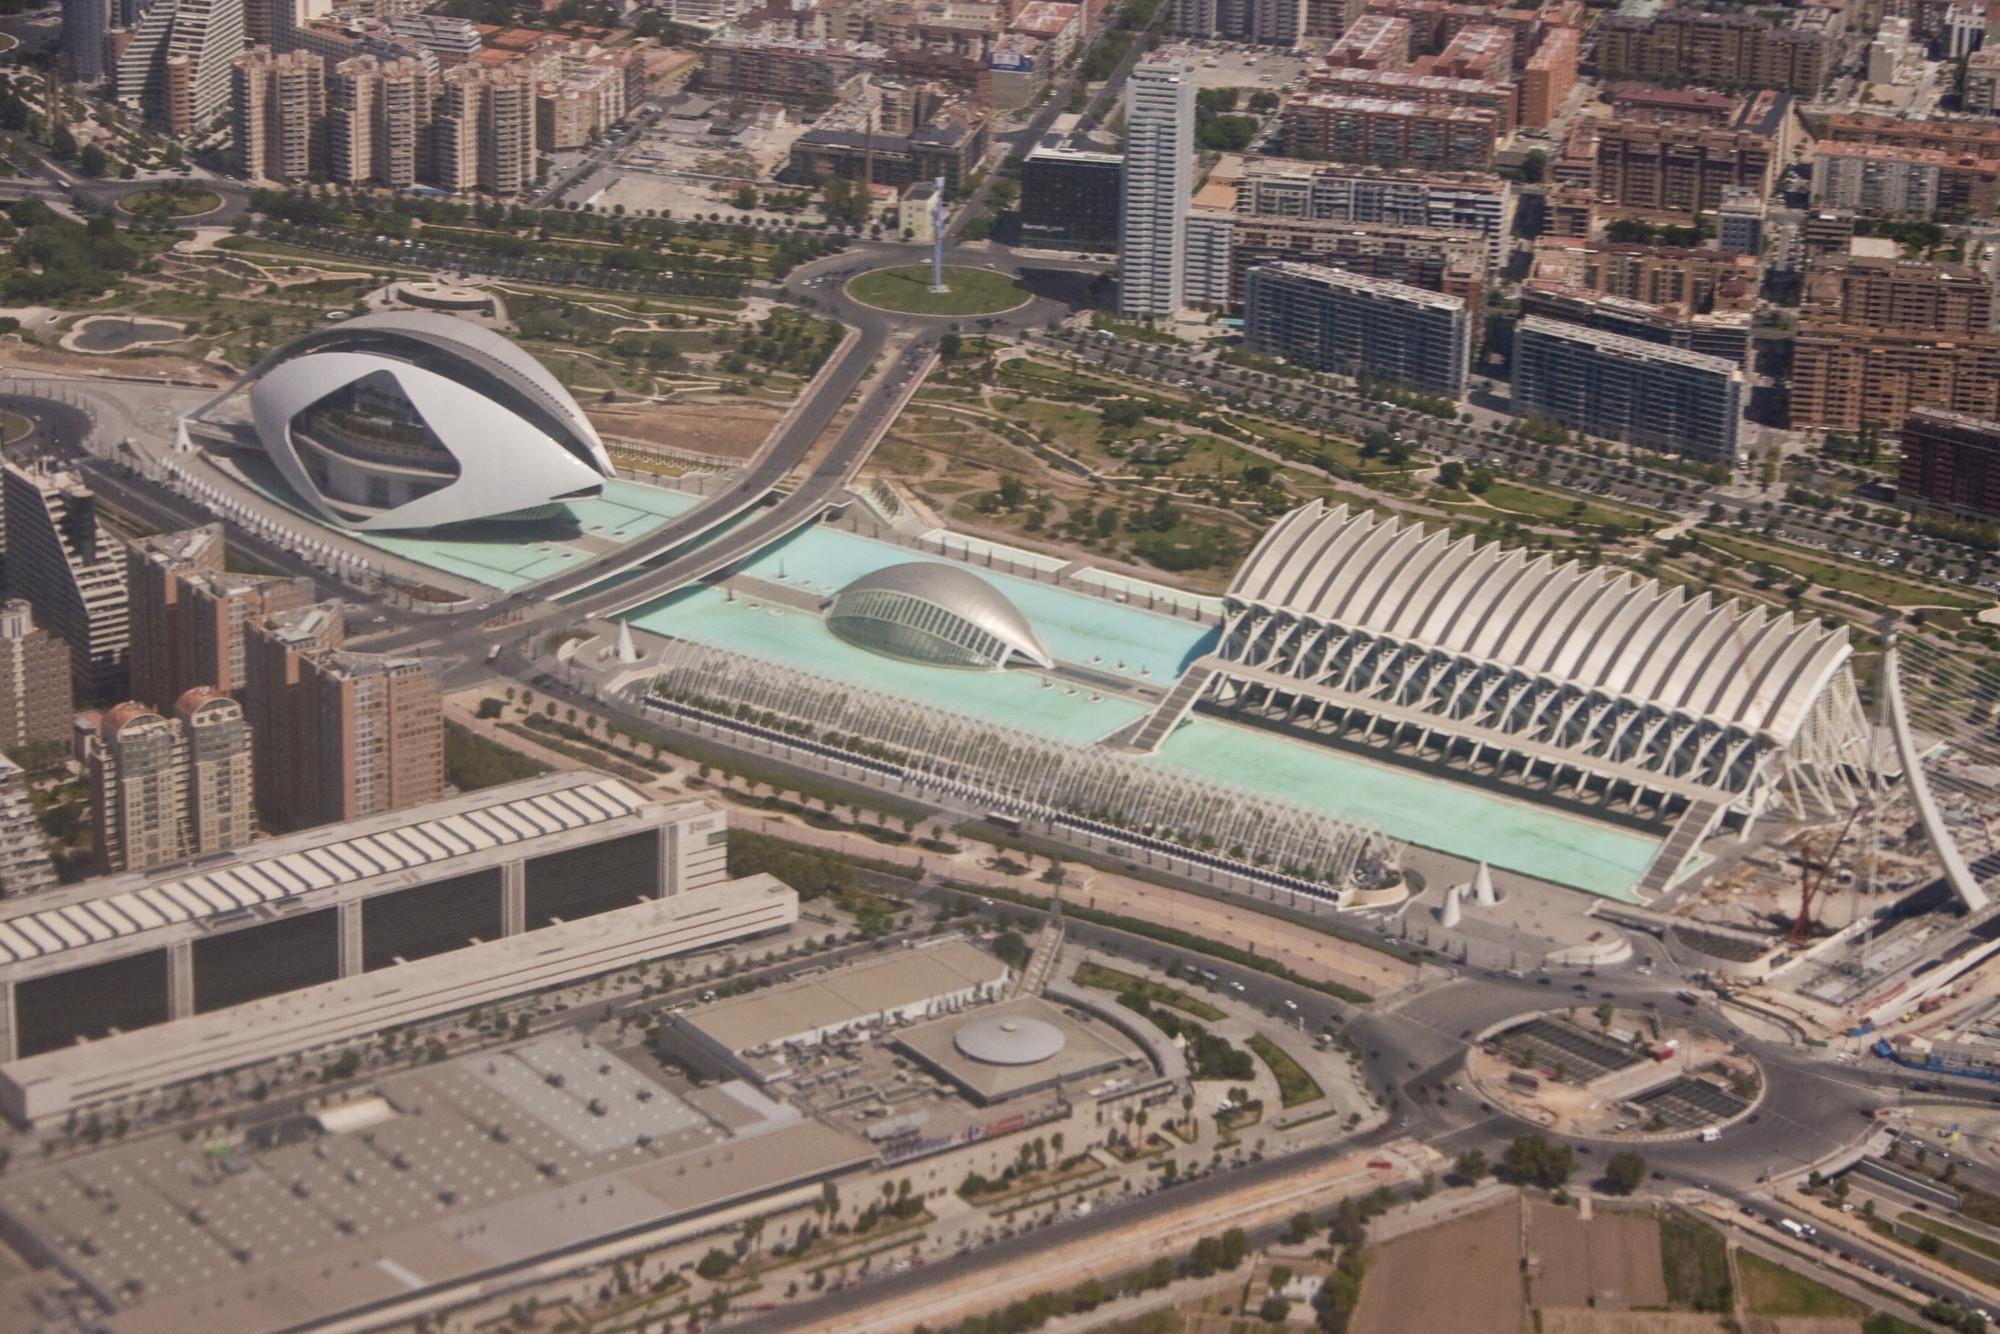 Ciudad de las Artes y la Ciencia / Valencia, España. Image © Mike Lowe